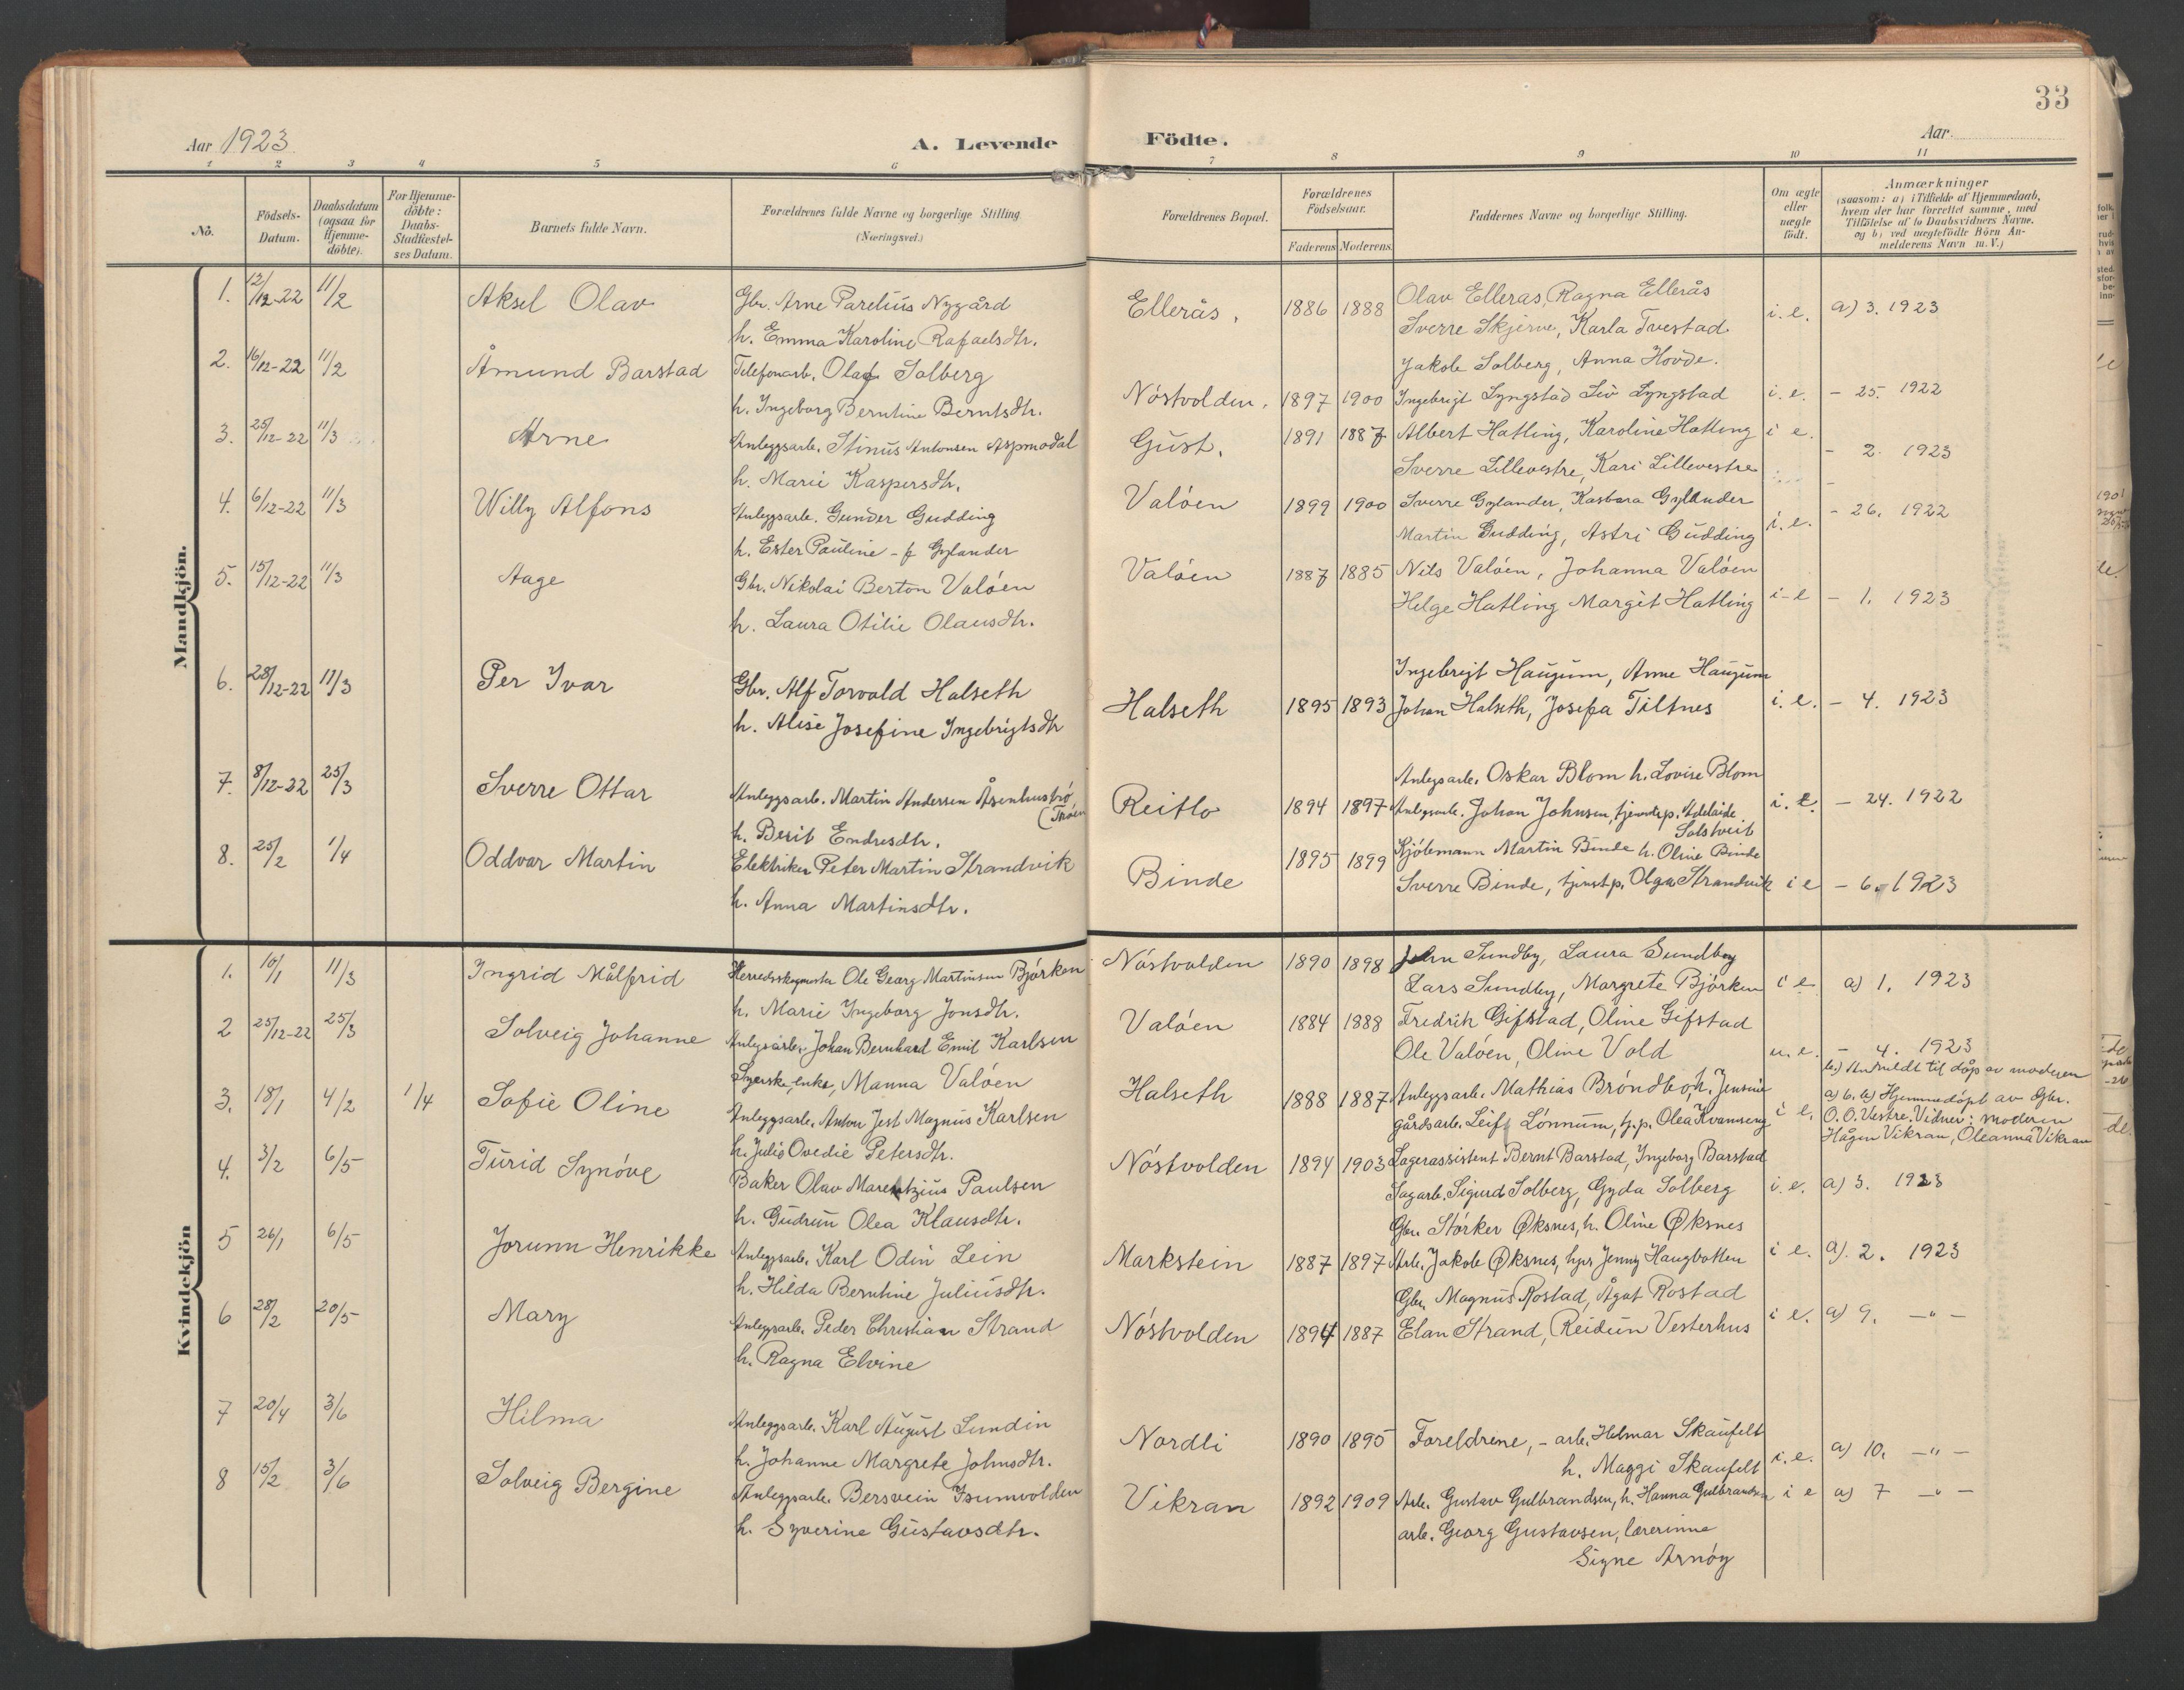 SAT, Ministerialprotokoller, klokkerbøker og fødselsregistre - Nord-Trøndelag, 746/L0455: Klokkerbok nr. 746C01, 1908-1933, s. 33